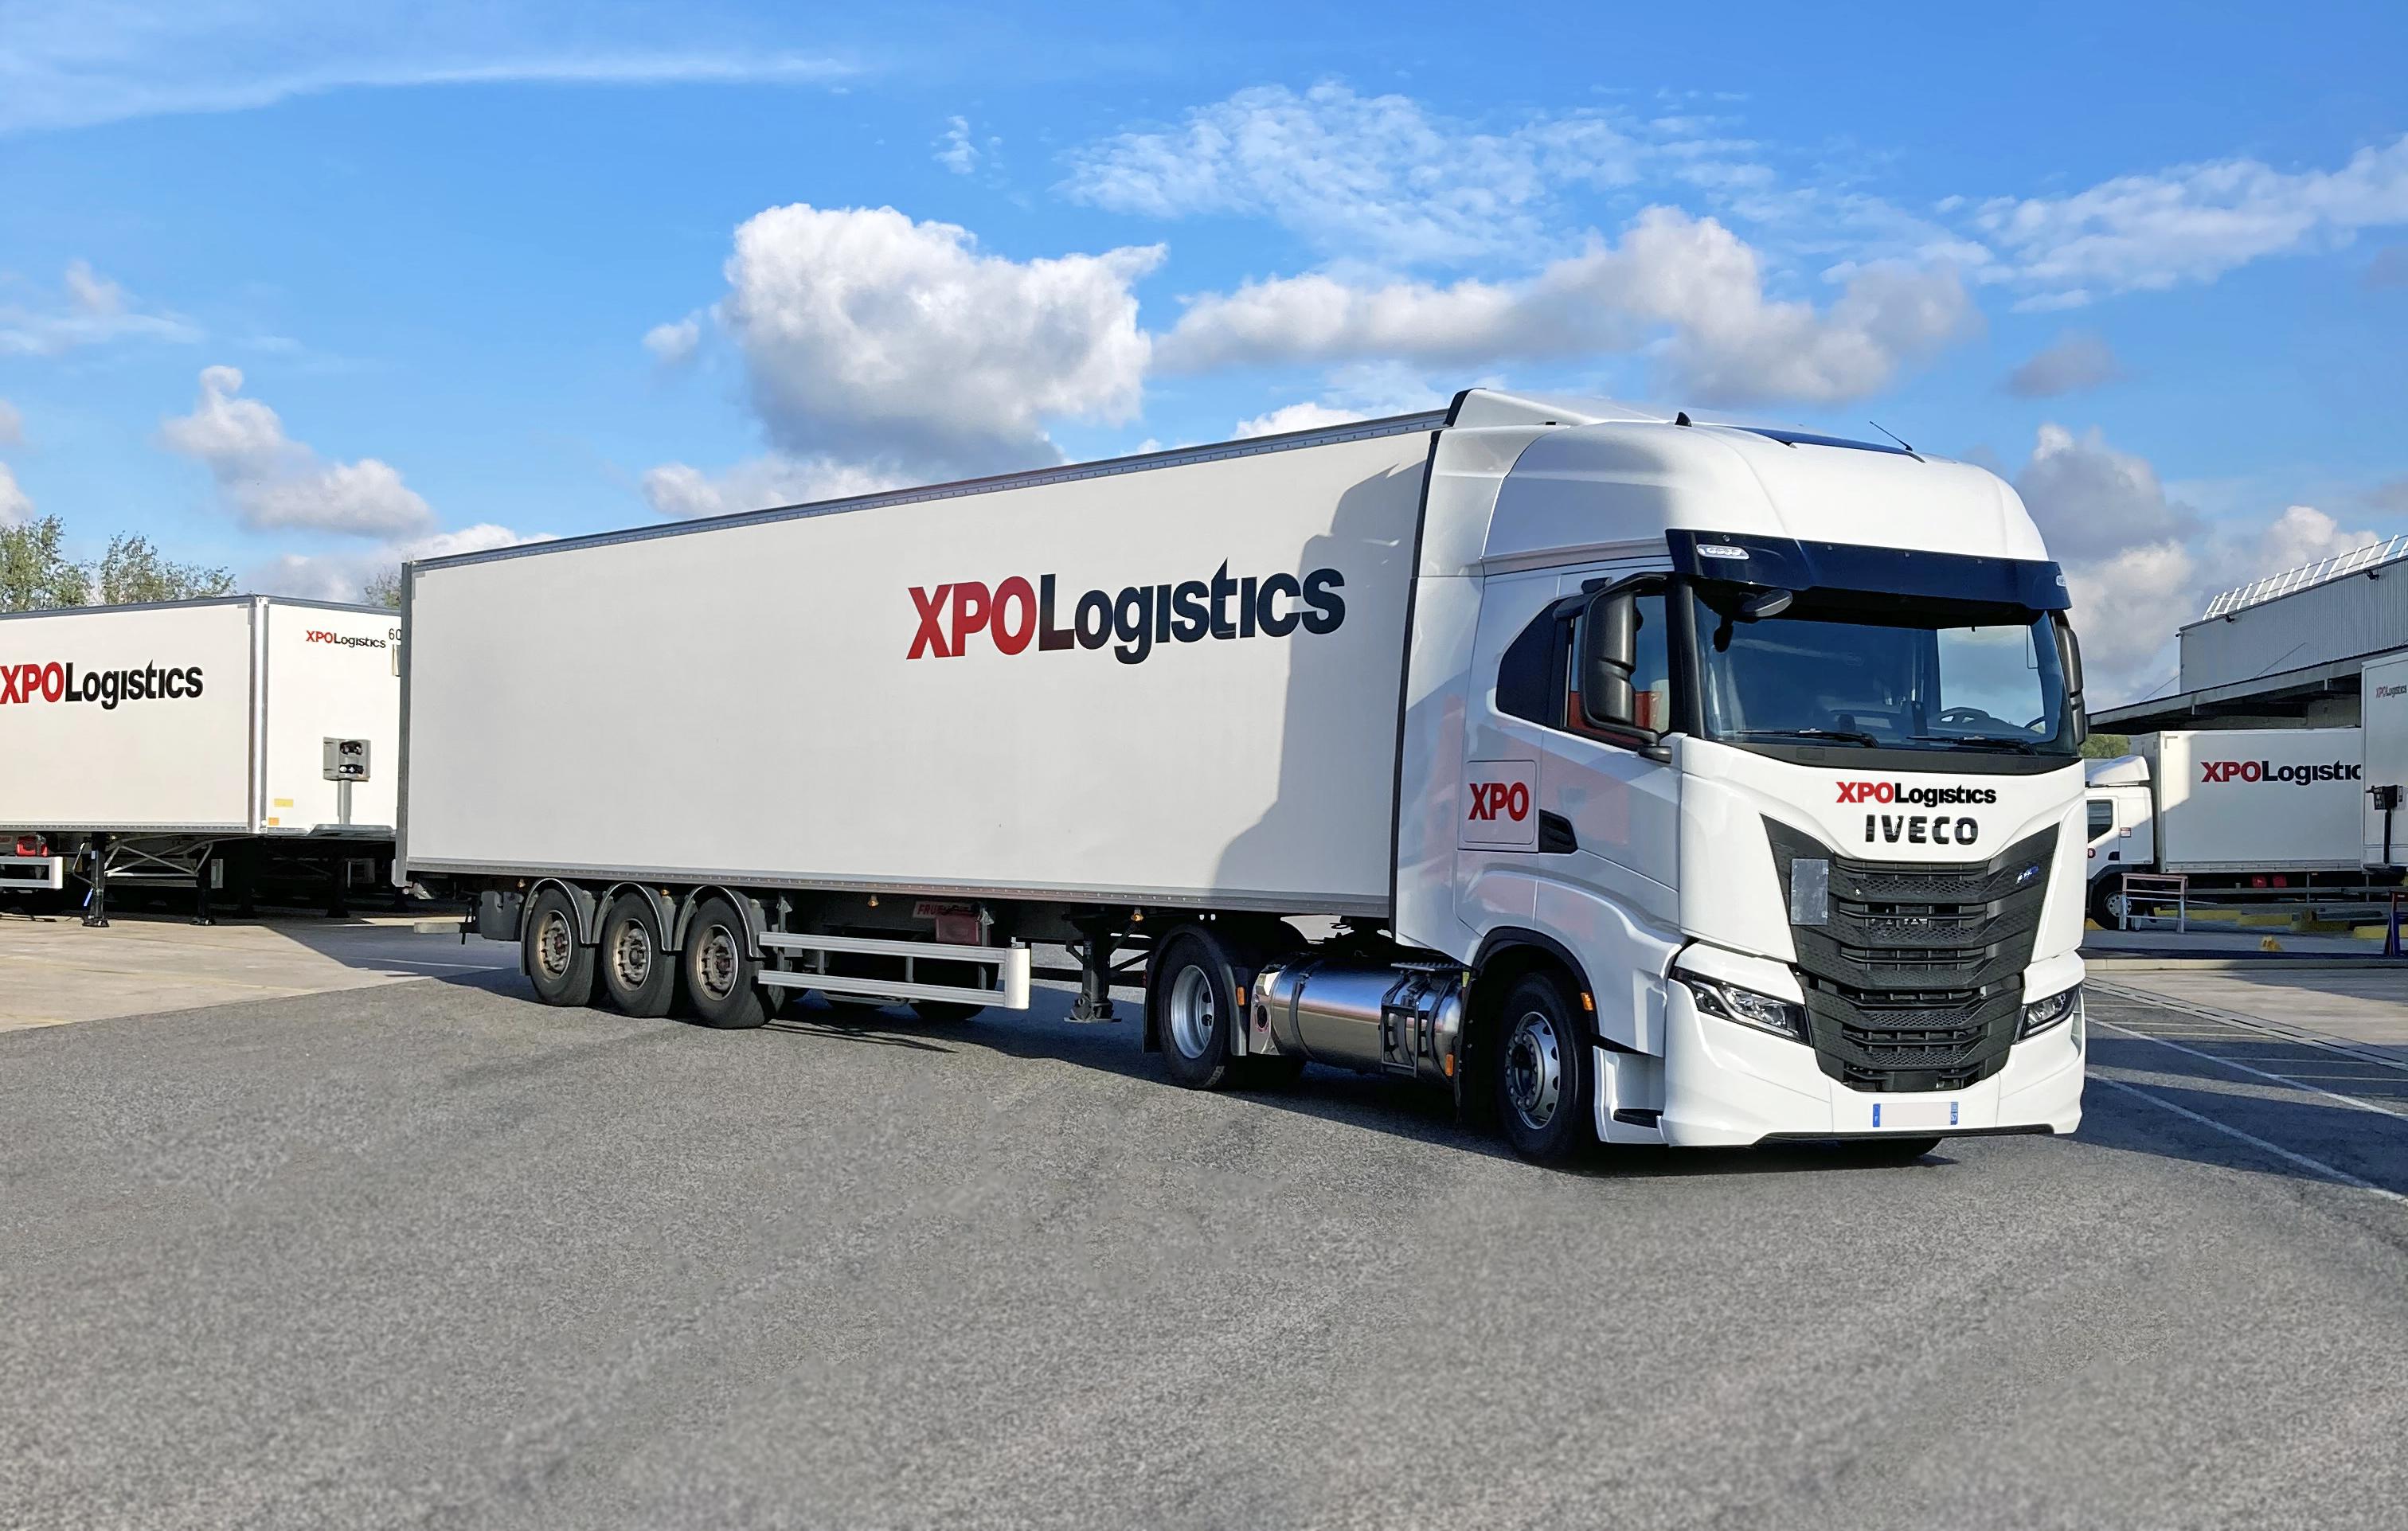 XPO inwestuje we flotę drogową we Francji, koncentrując się na zrównoważonym rozwoju